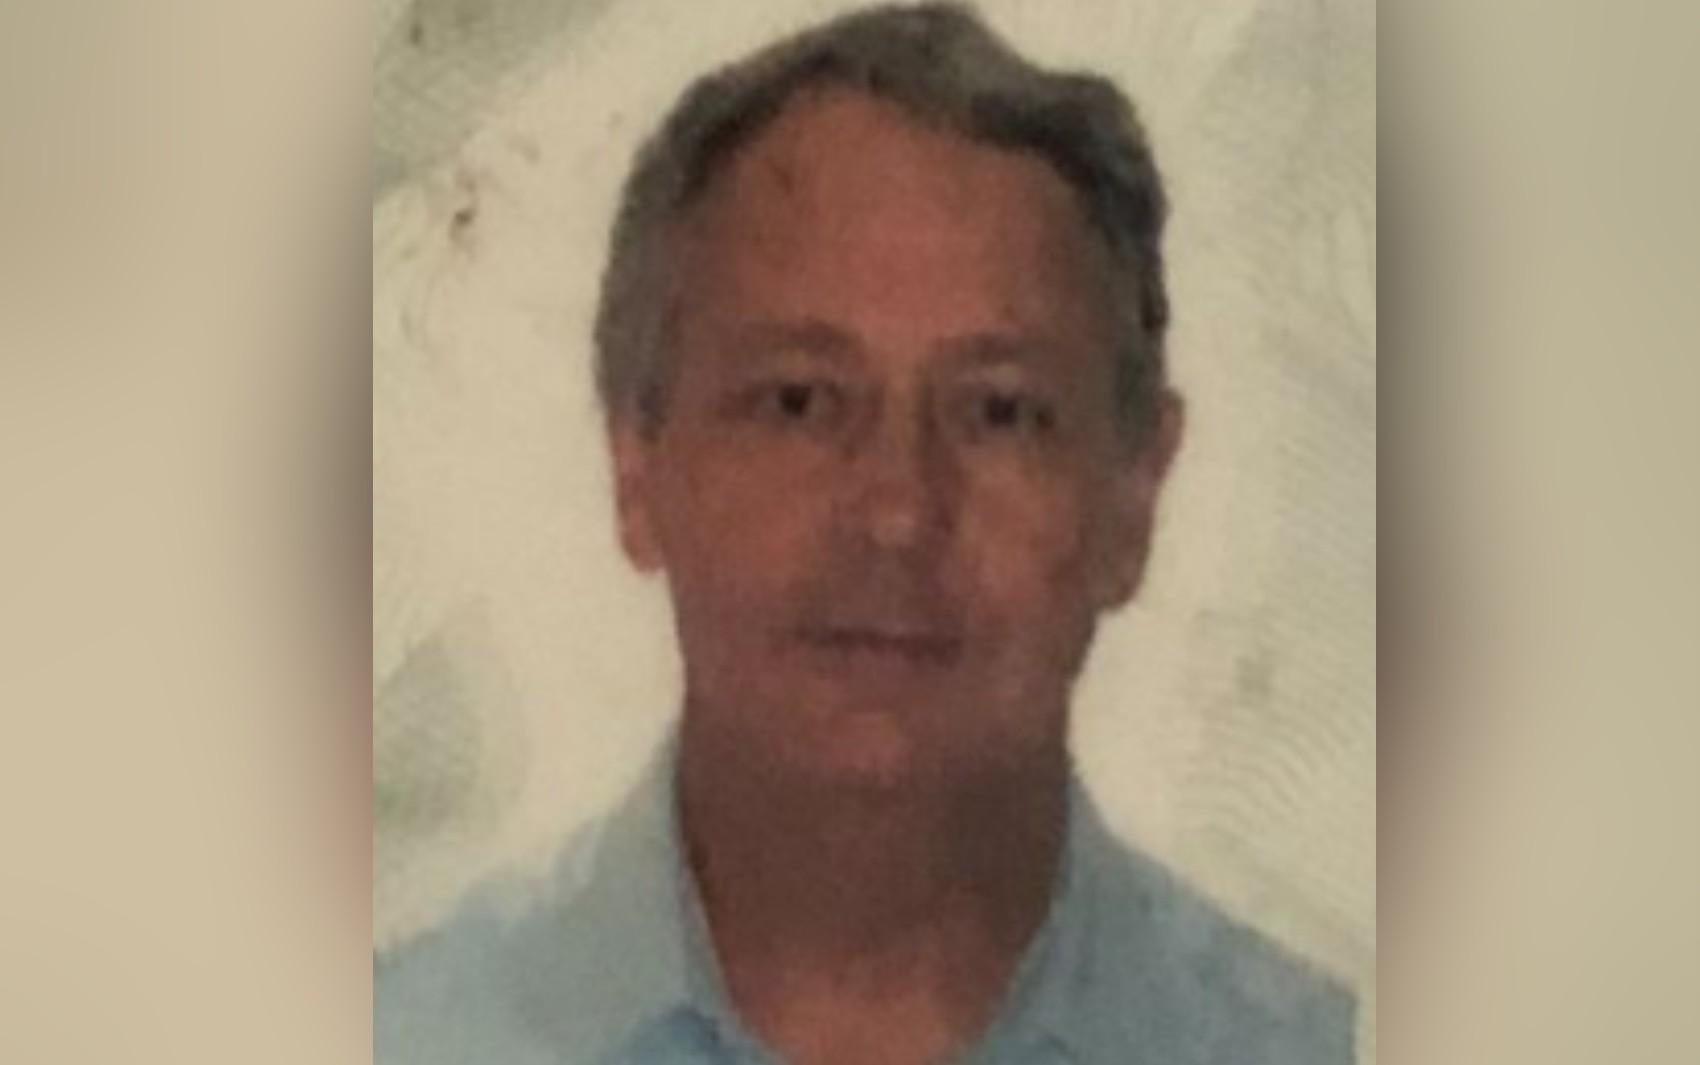 Suíço é sequestrado e morto a tiros  por causa de suposta dívida de R$ 12 mil em Goianésia, diz polícia